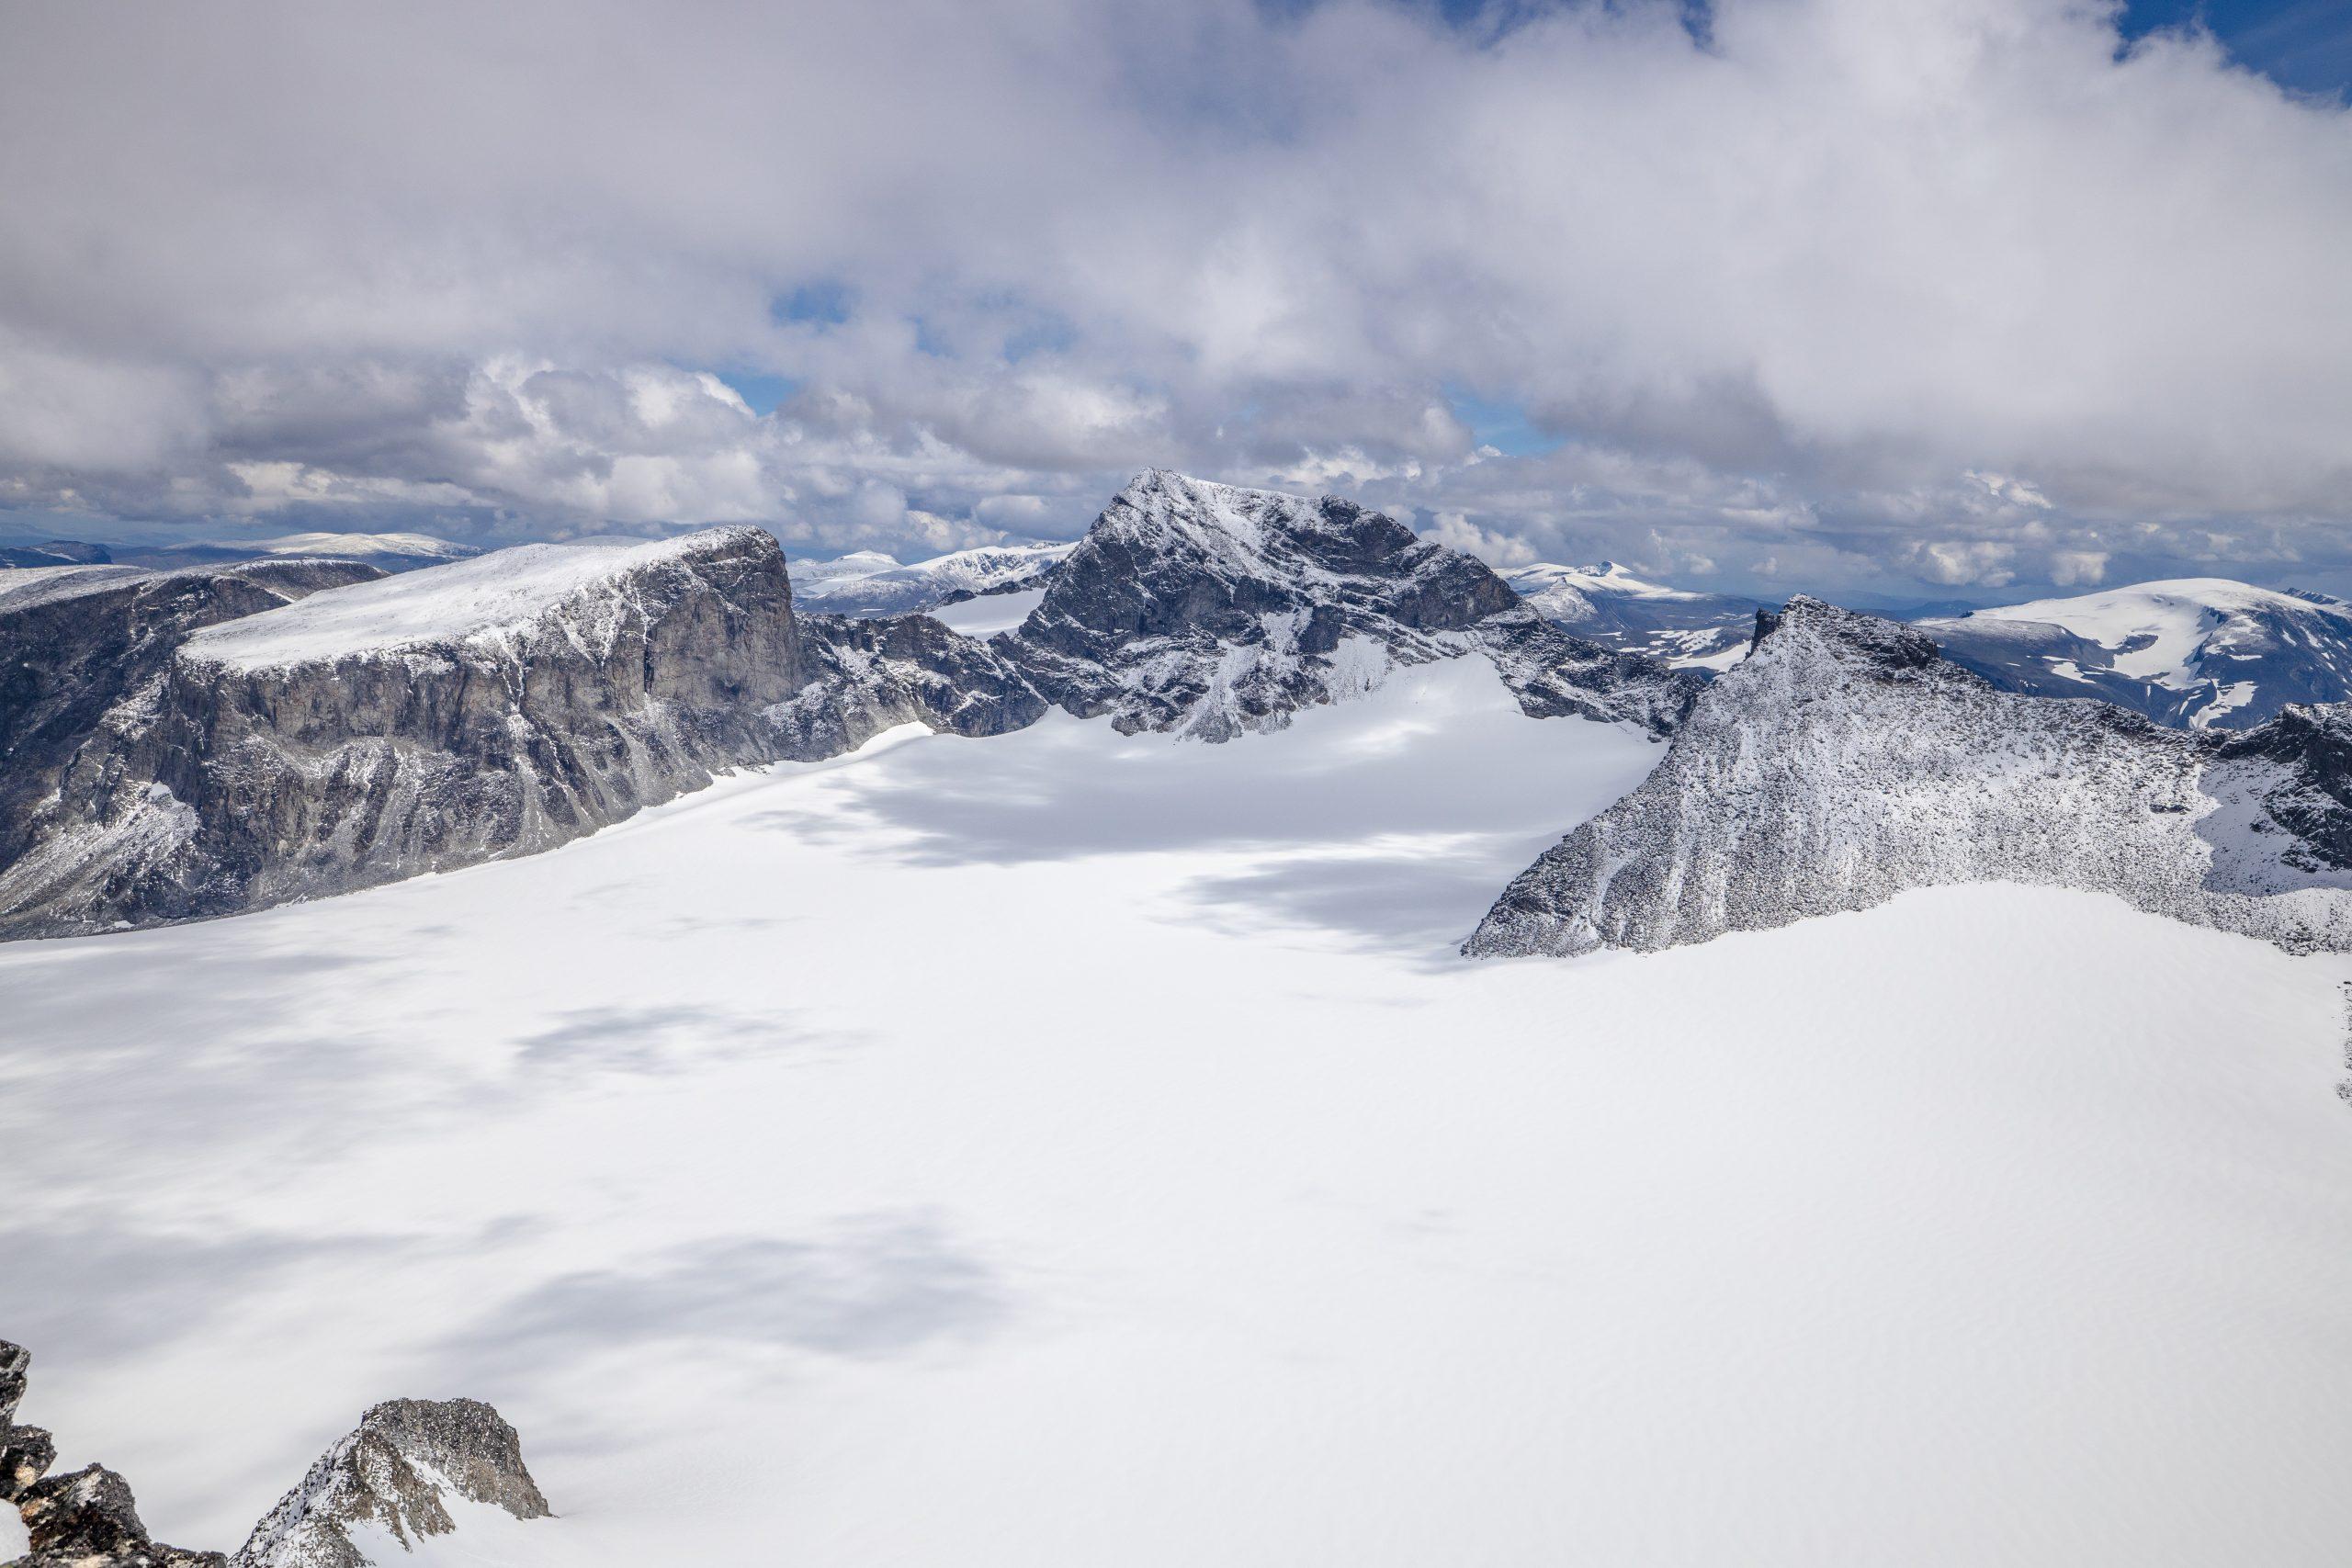 Utsikt fra Skardstinden mot Veslepiggen, Galdhøpiggen og Storjuvtinden. Storjuvbrean i forgrunnen.